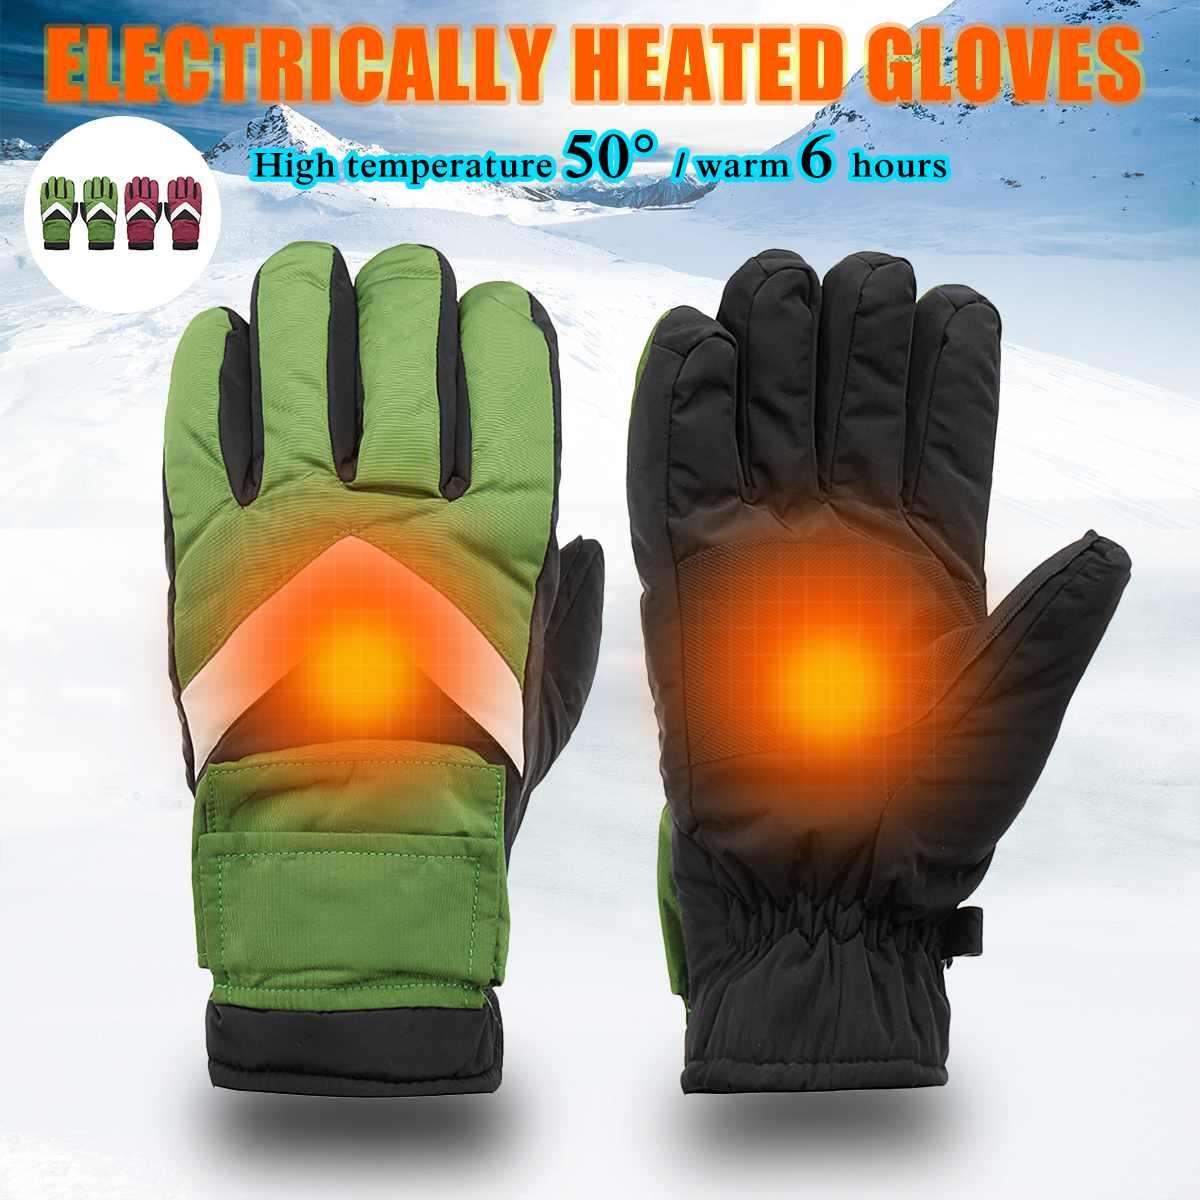 Mofaner luvas da motocicleta inverno aquecido luvas 7.4v 2800mah bateria recarregável para ao ar livre motocycle luvas de proteção